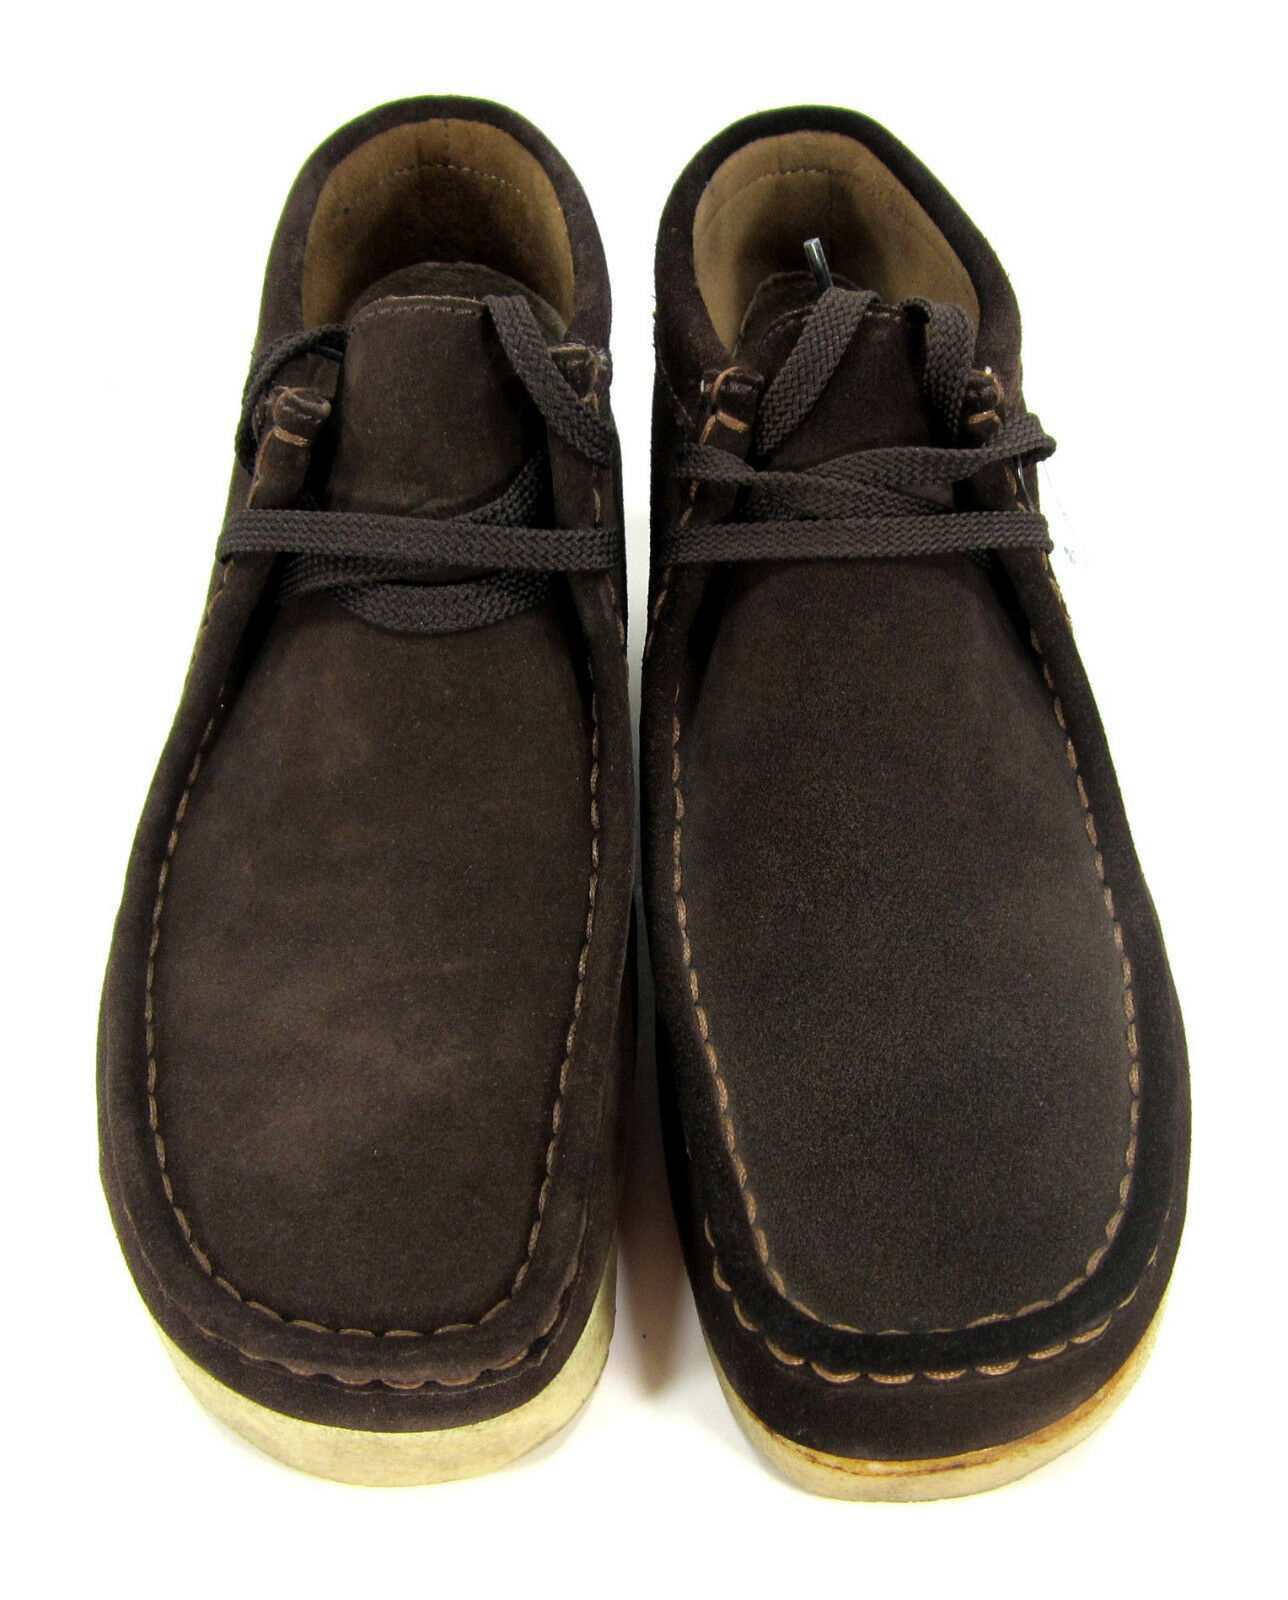 Clarks scarpe Padmore Wallabee Suede Classic Marrone stivali stivali stivali Dimensione 8 889577